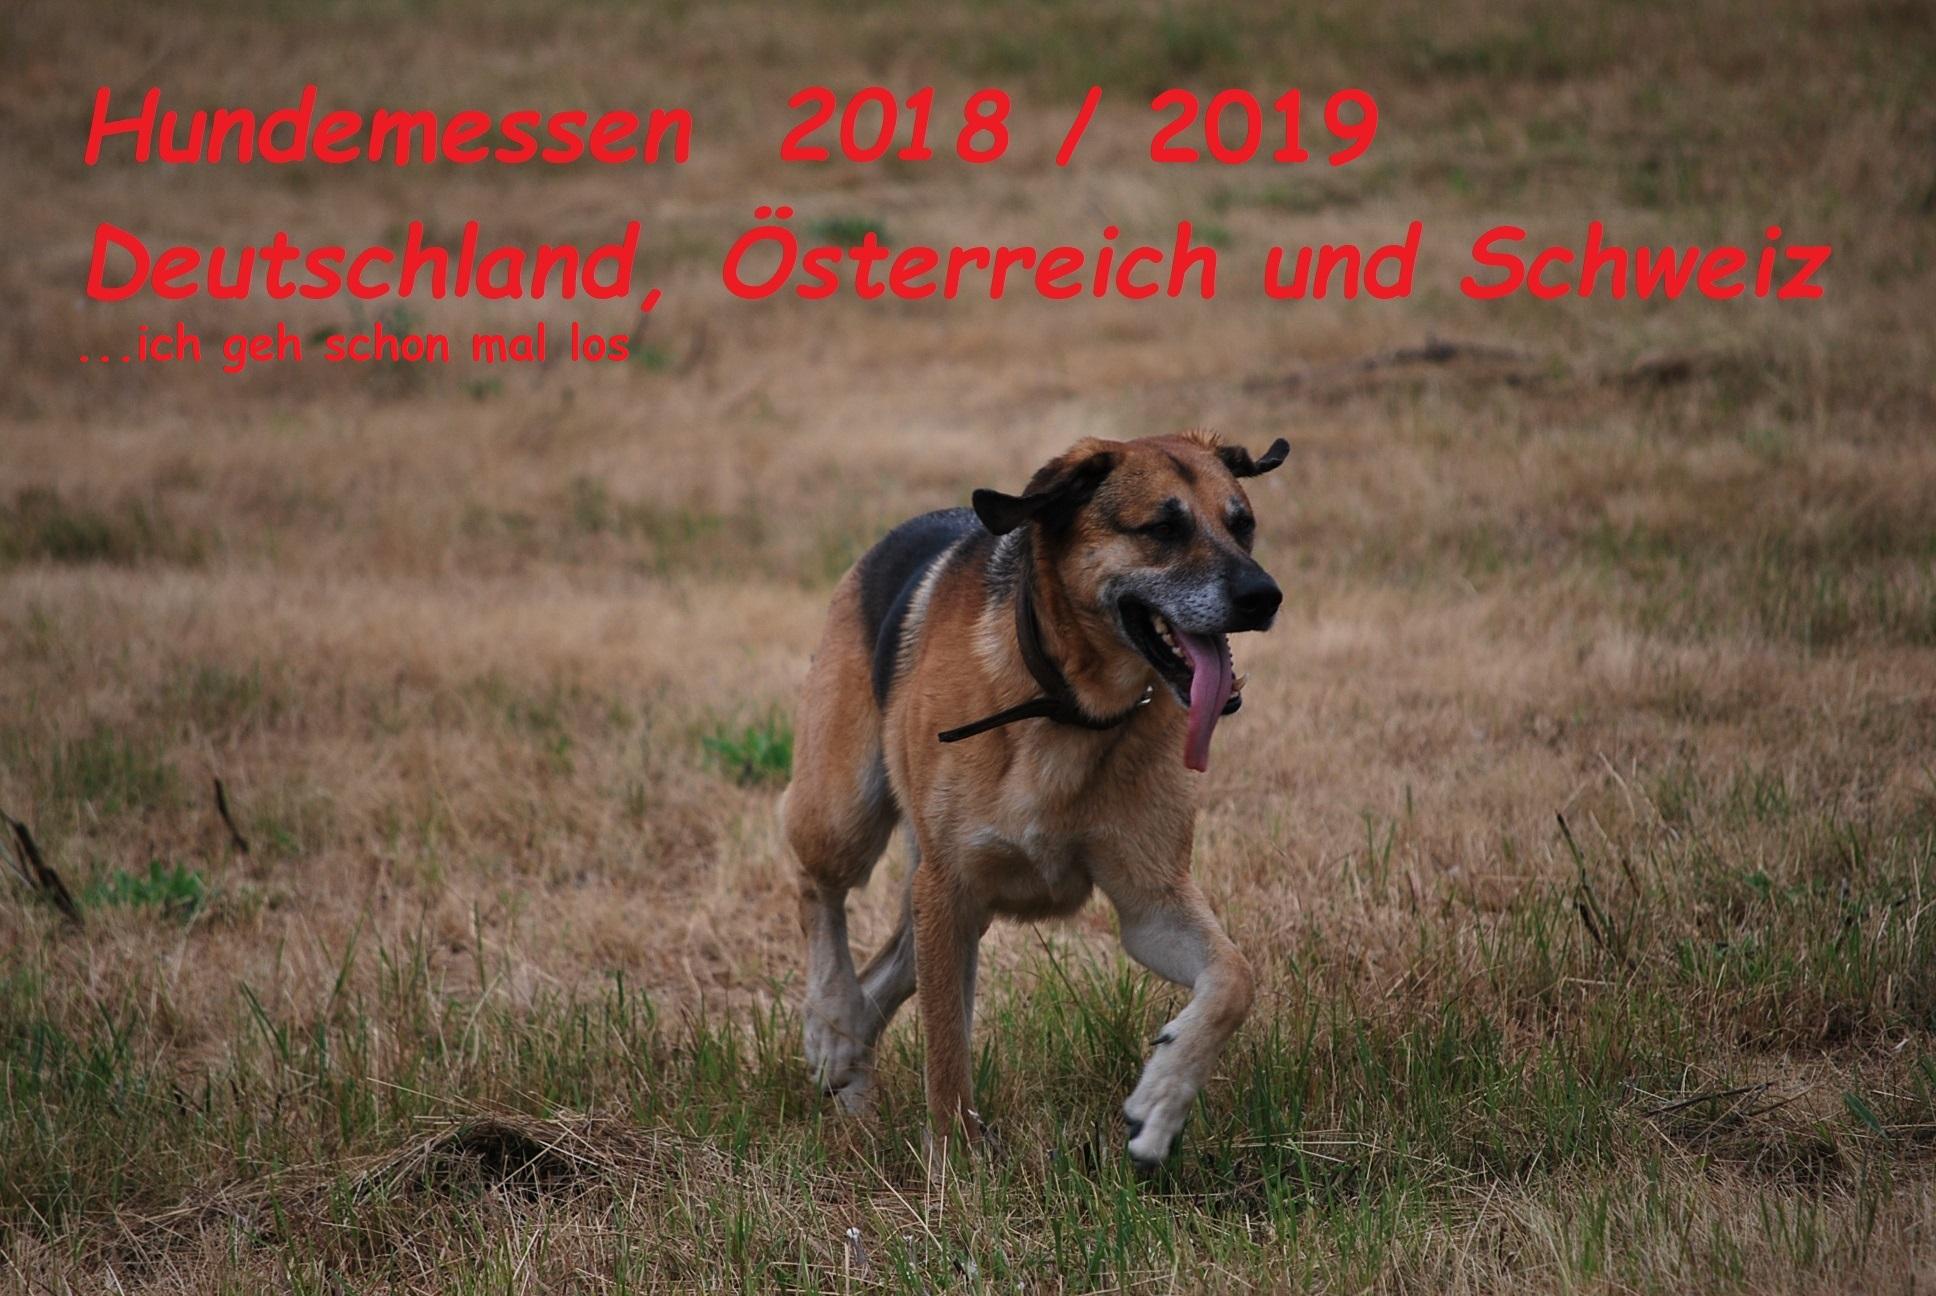 hundeausstellung dortmund 2019